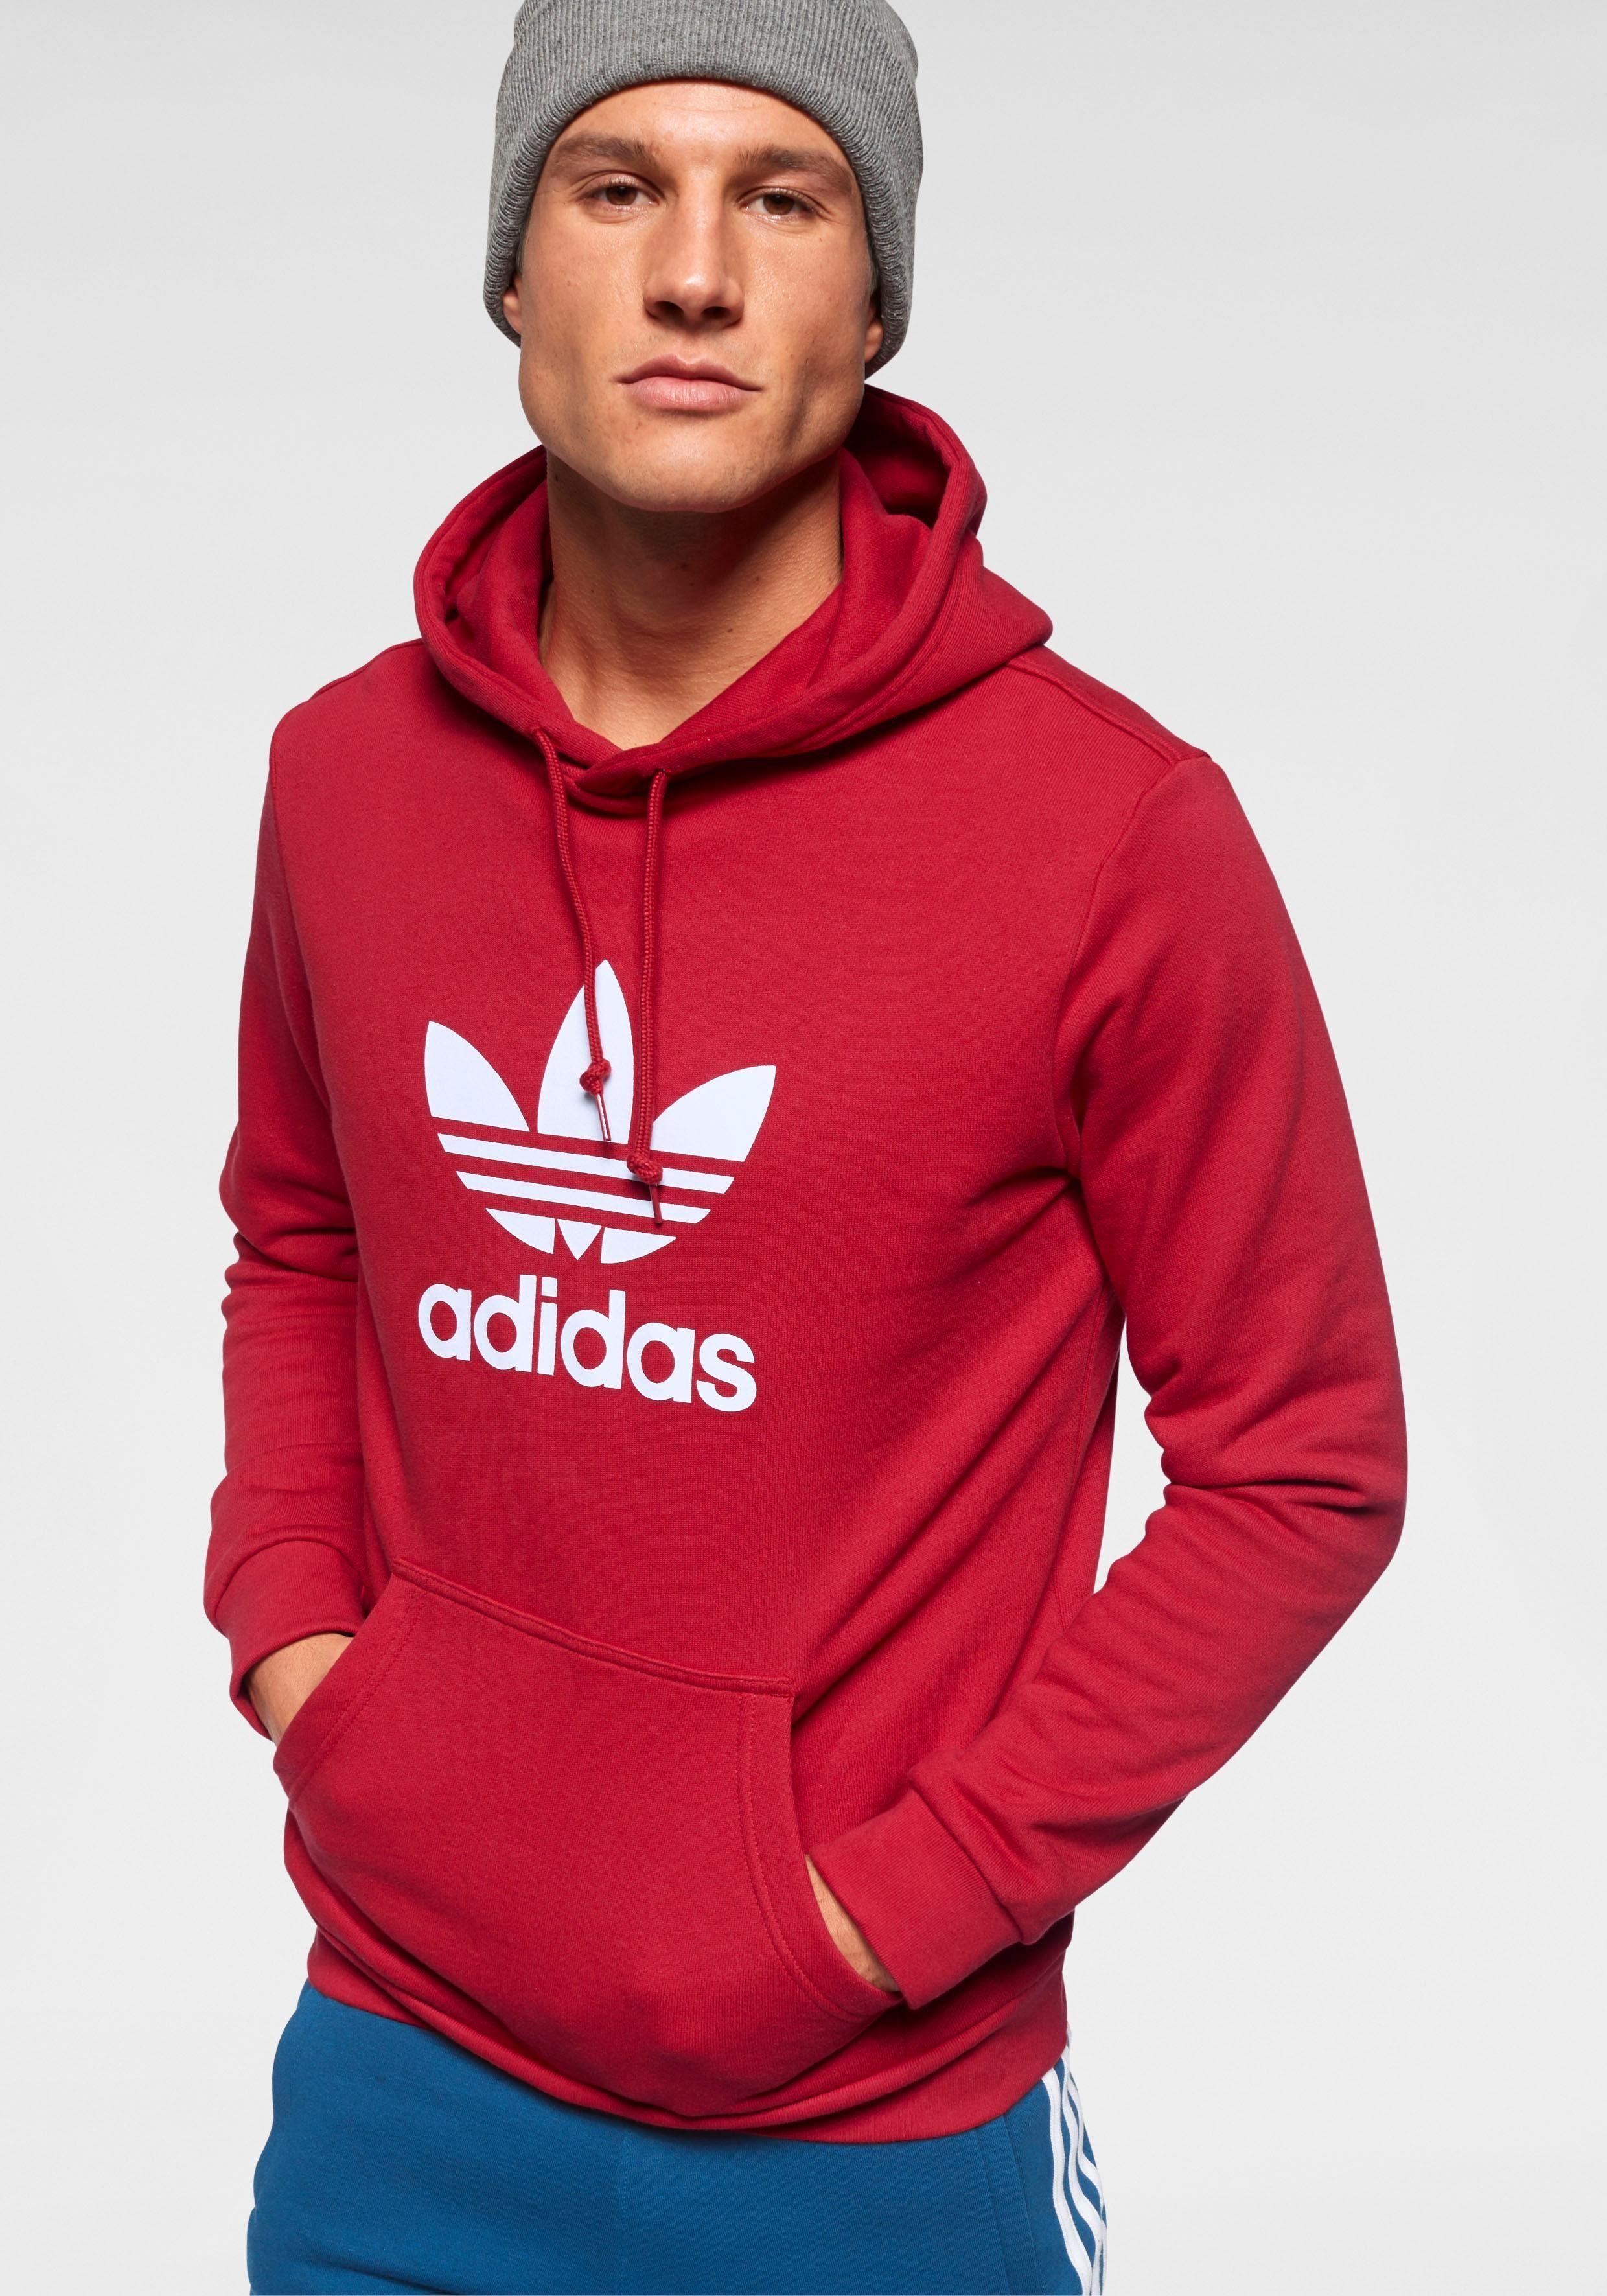 adidas Originals Kapuzensweatshirt »TREFOIL HOODIE«, Großer Logodruck online kaufen | OTTO